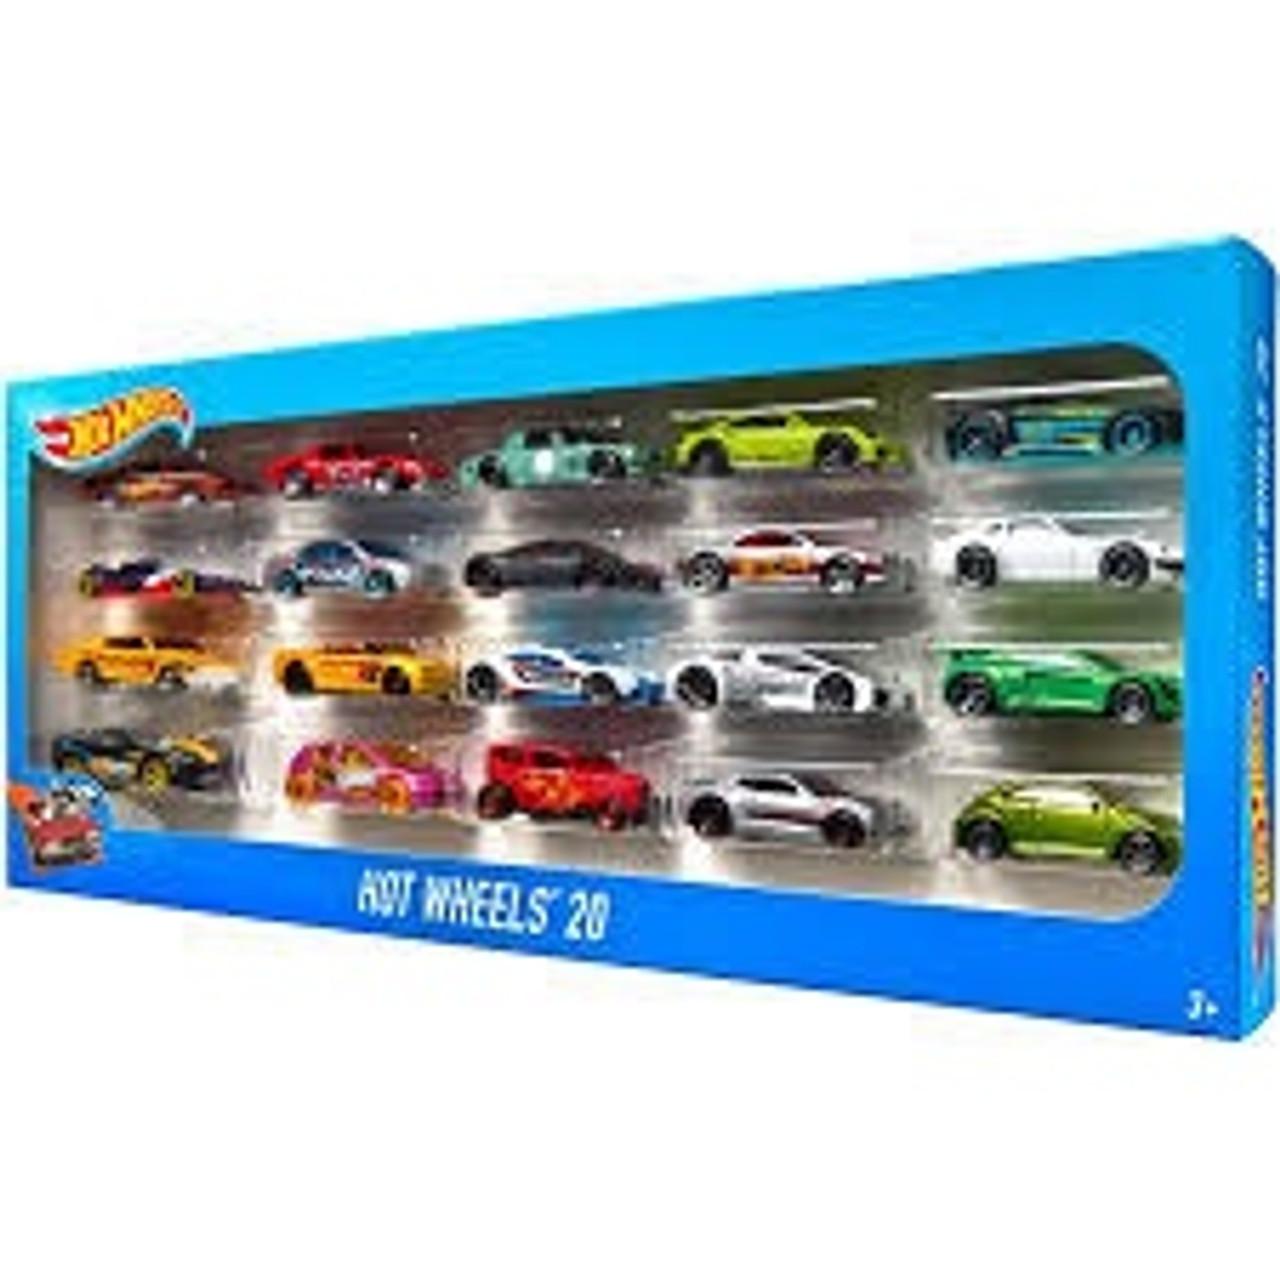 HOT WHEELS BASIC 20 CARS